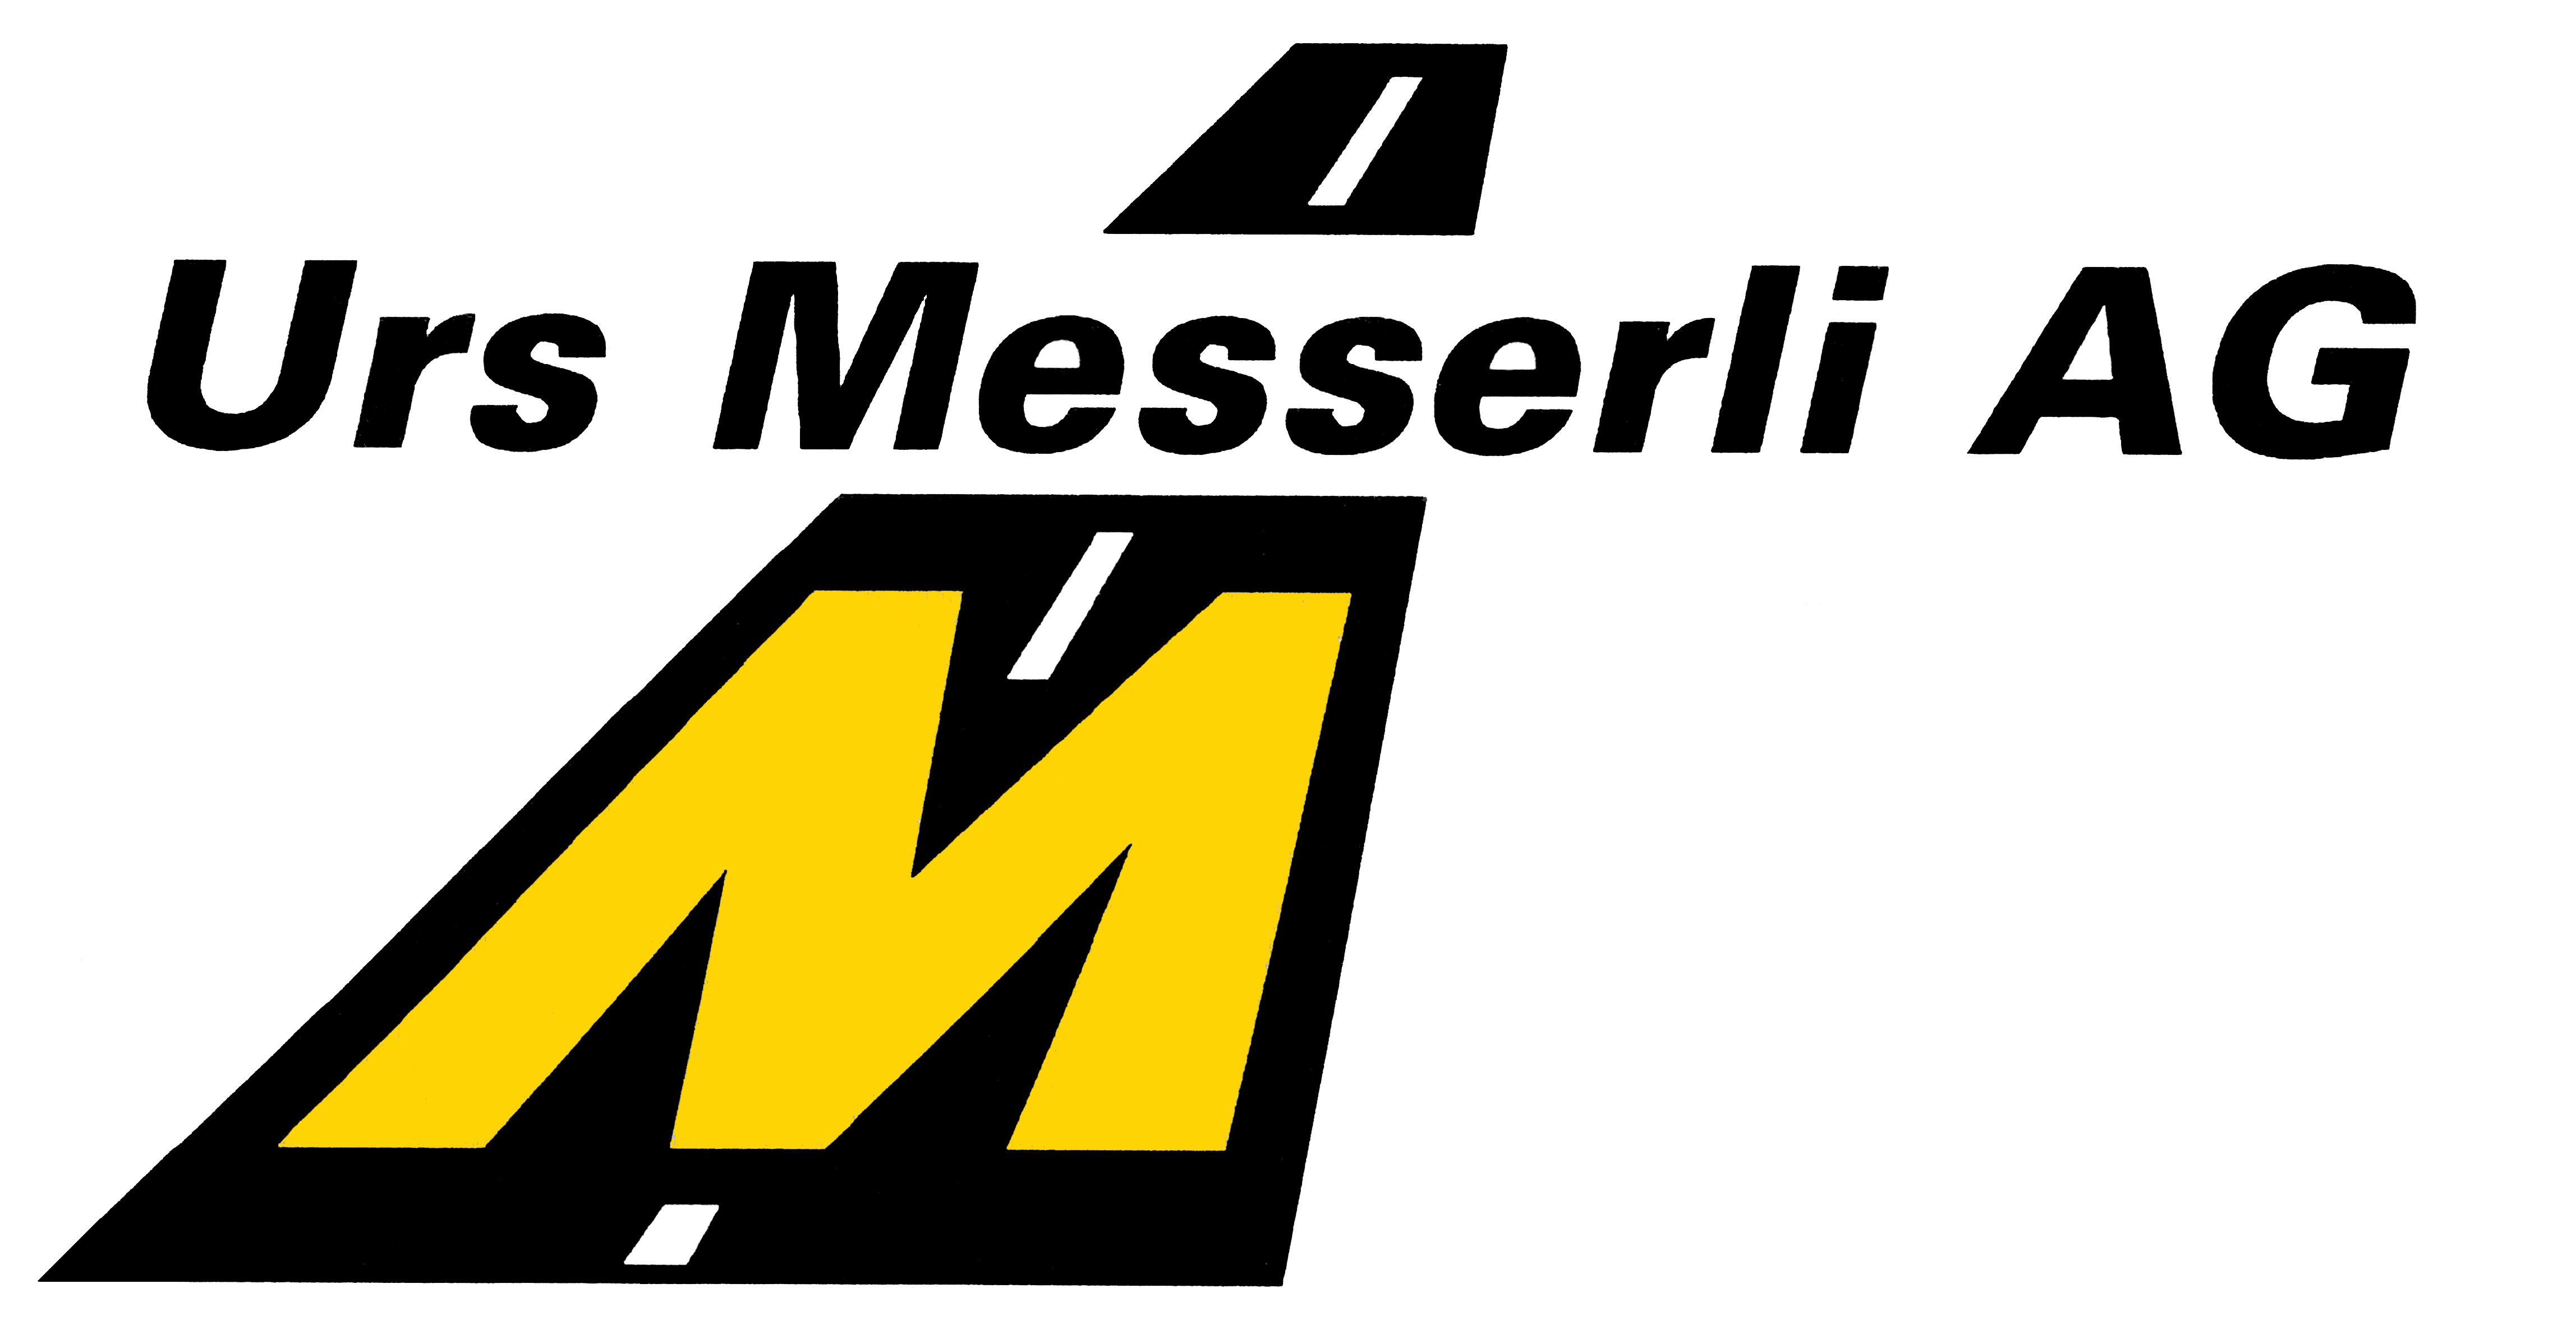 Urs Messerli AG Logo